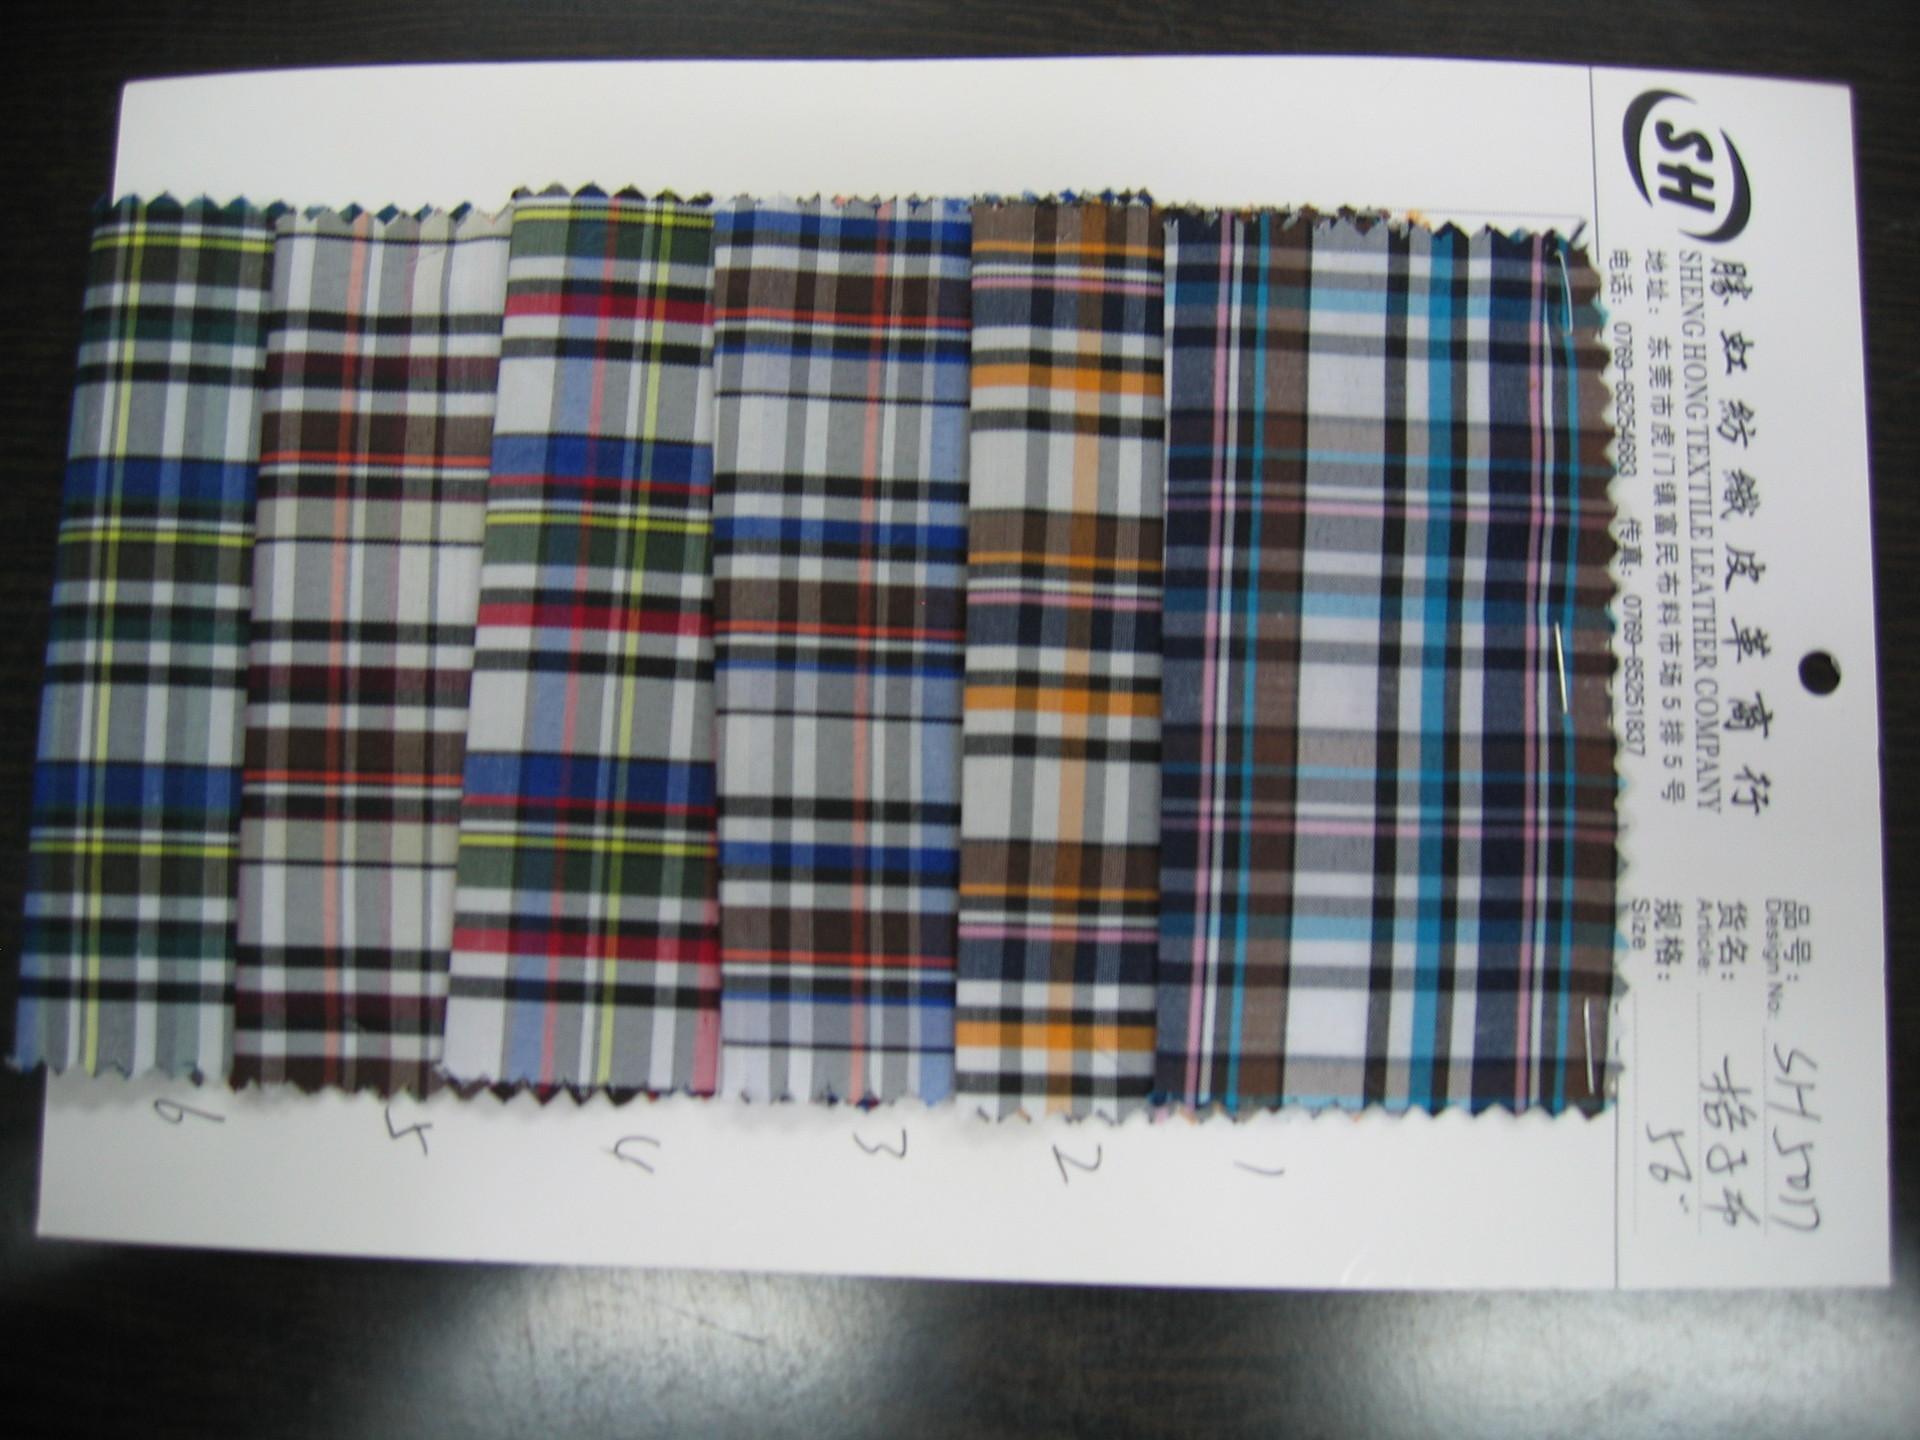 厂家直销梭织斜纹布 全棉斜纹布 涤棉斜纹布印花 迷彩印花布料